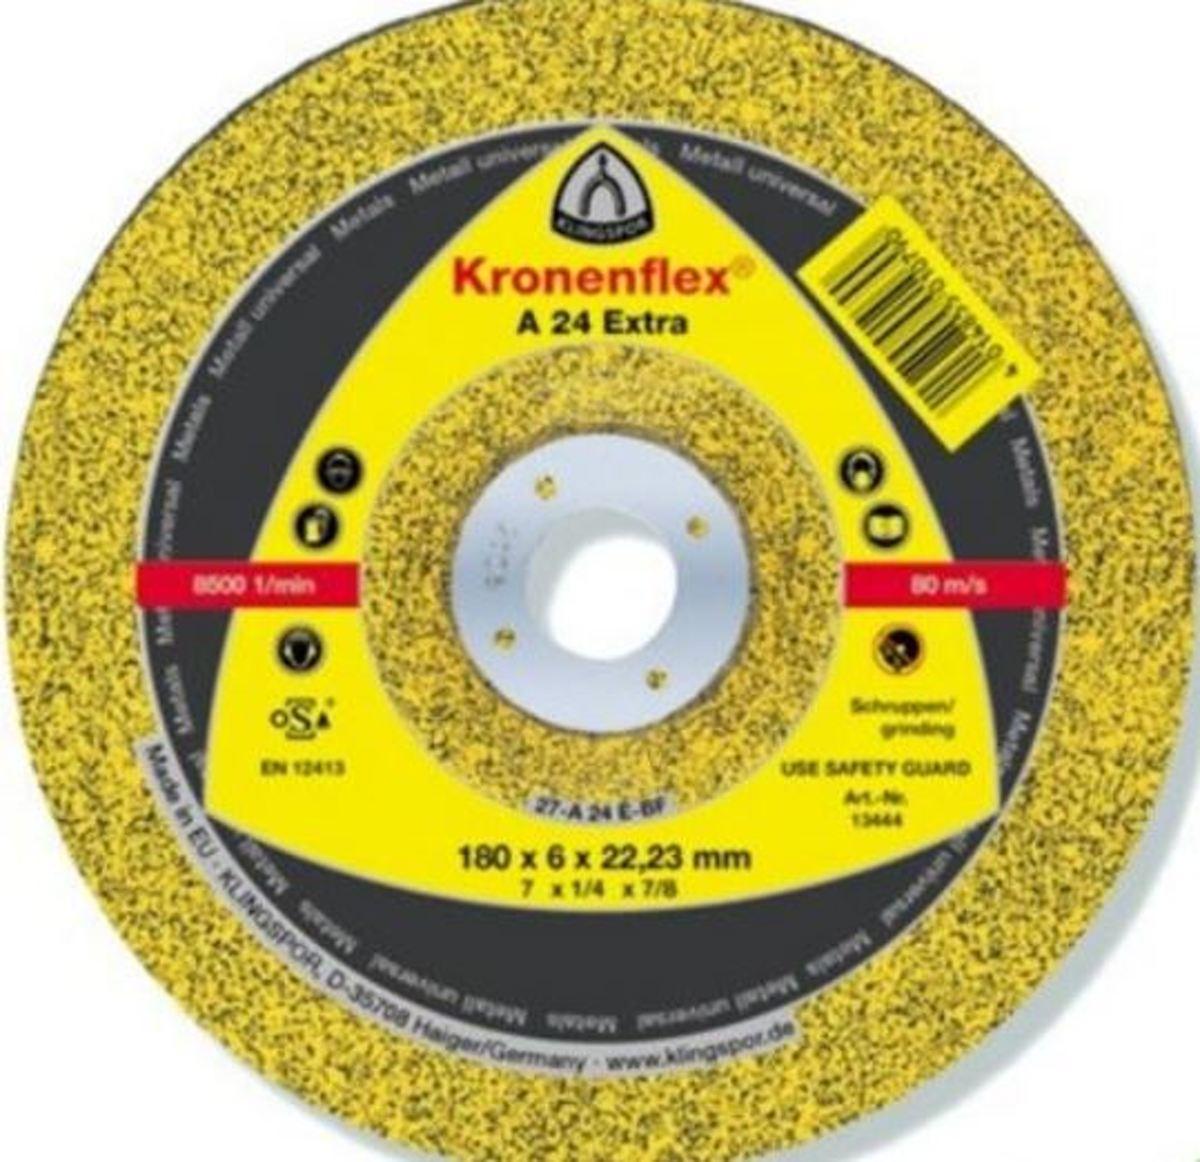 Klingspor Afbraamschijf A 24 EXTRA 180 x 6 x 22,23 mm Kronenflex® Topkwaliteit (1 stuk) kopen